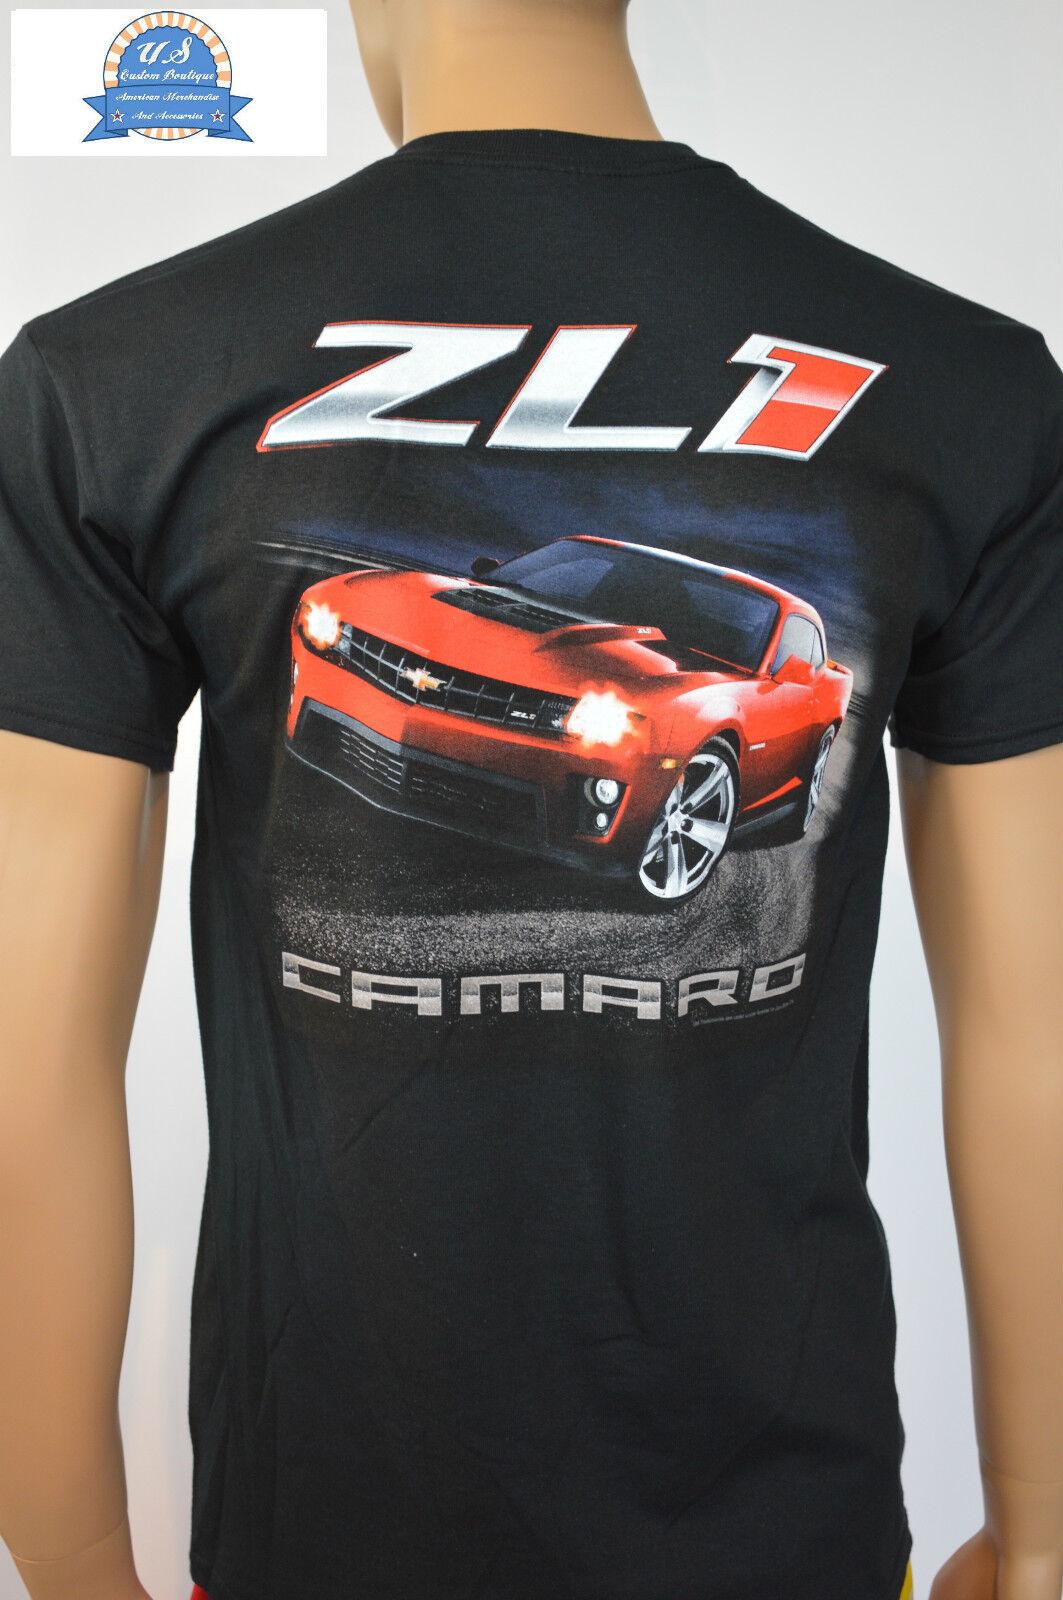 Chevrolet Camaro T-Shirt - Camaro ZL1 - Schwarz - lizensiert  | Schönes Aussehen  | Optimaler Preis  | Billiger als der Preis